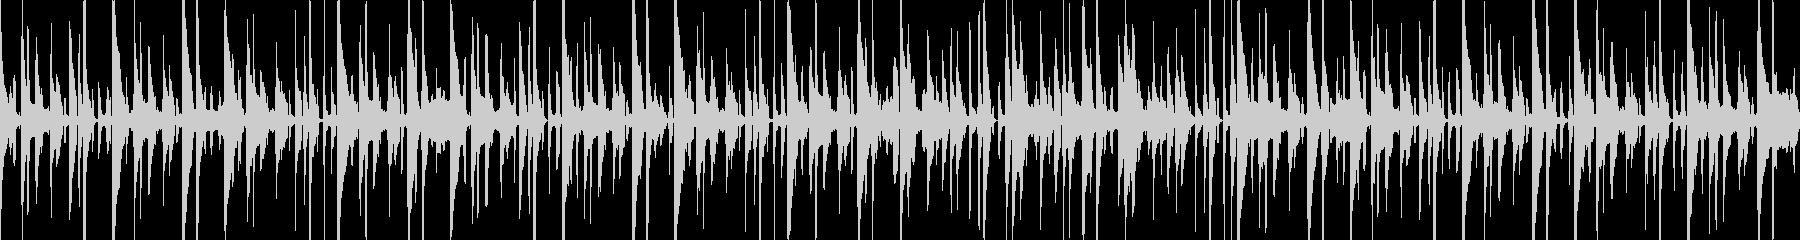 ゆったりとしたほのぼのファンクの未再生の波形